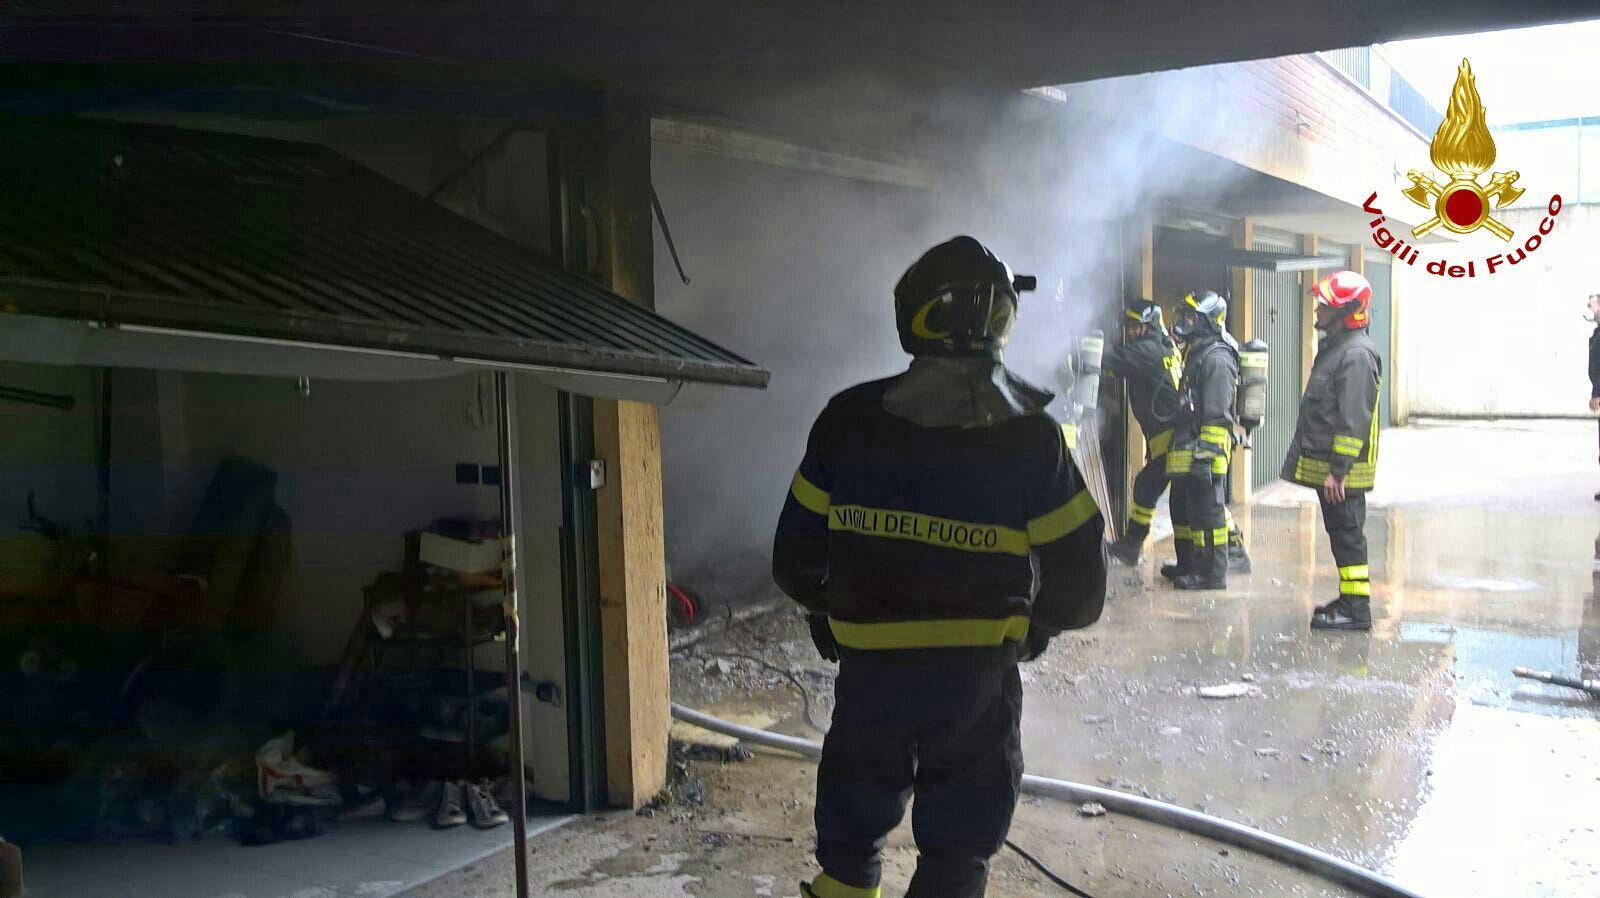 In fiamme una mansarda: intervengono i vigili del fuoco